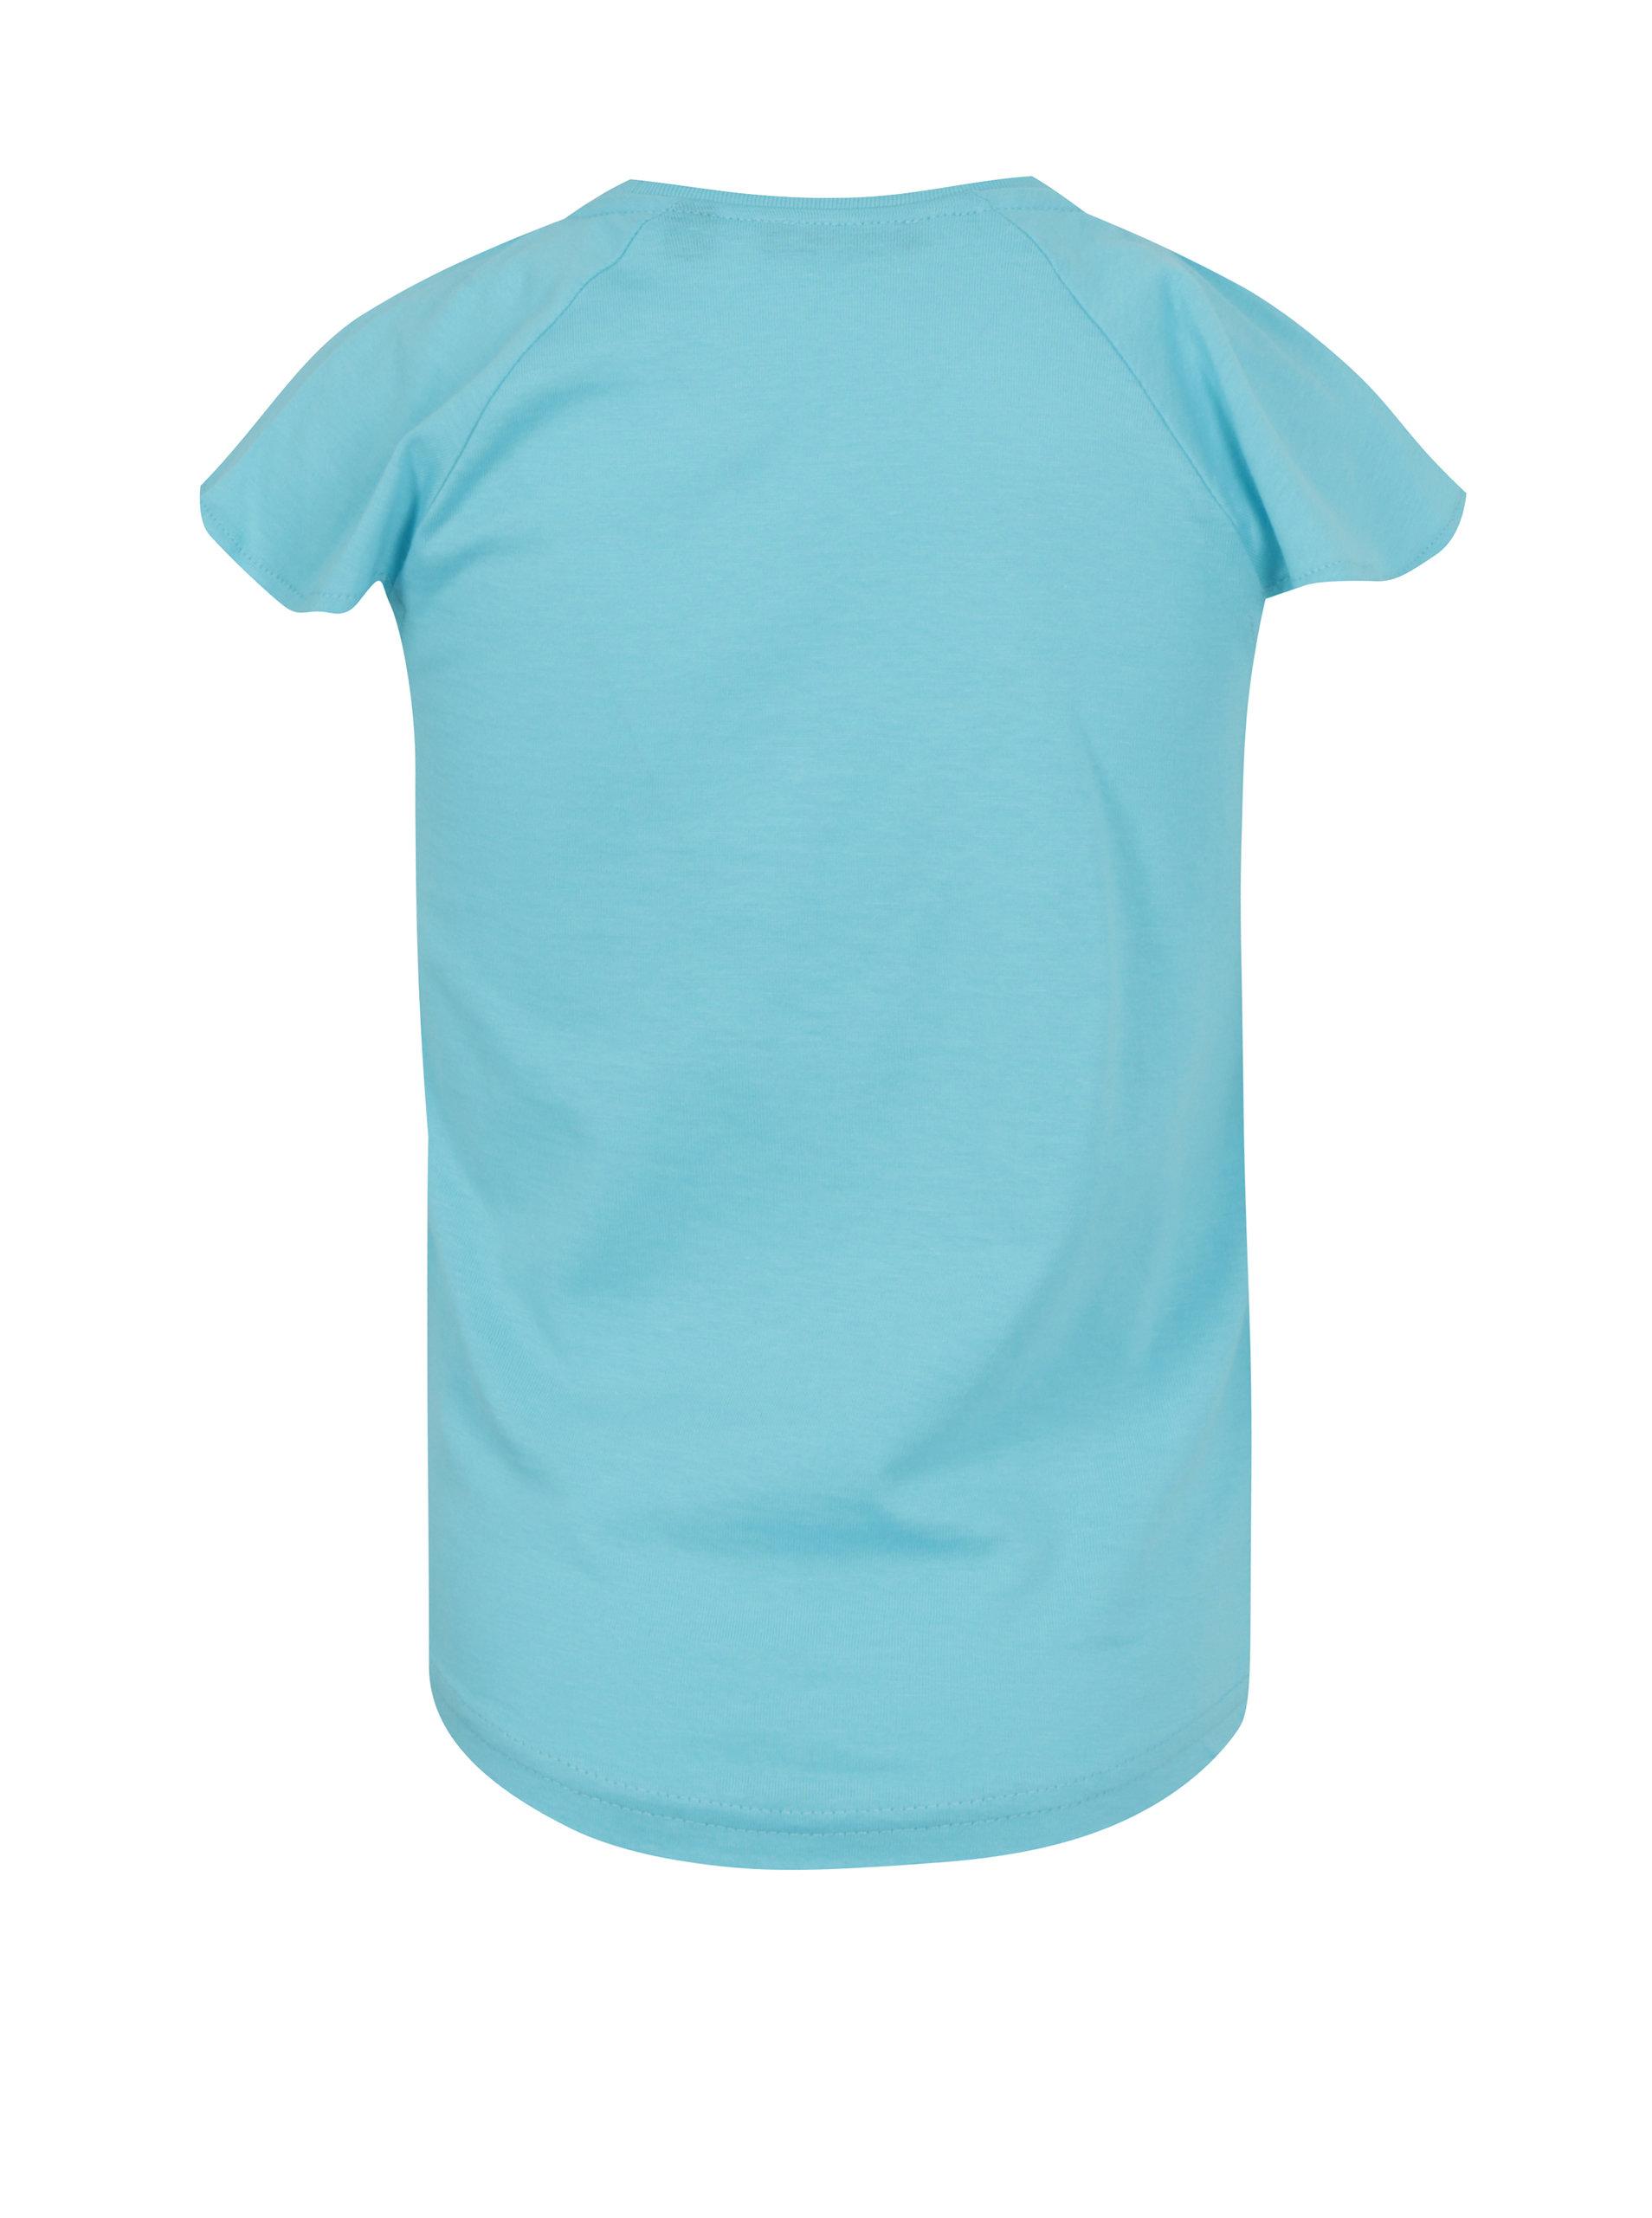 Světle modré holčičí tričko s potiskem jednorožce Blue Seven ... 1be83ec07d